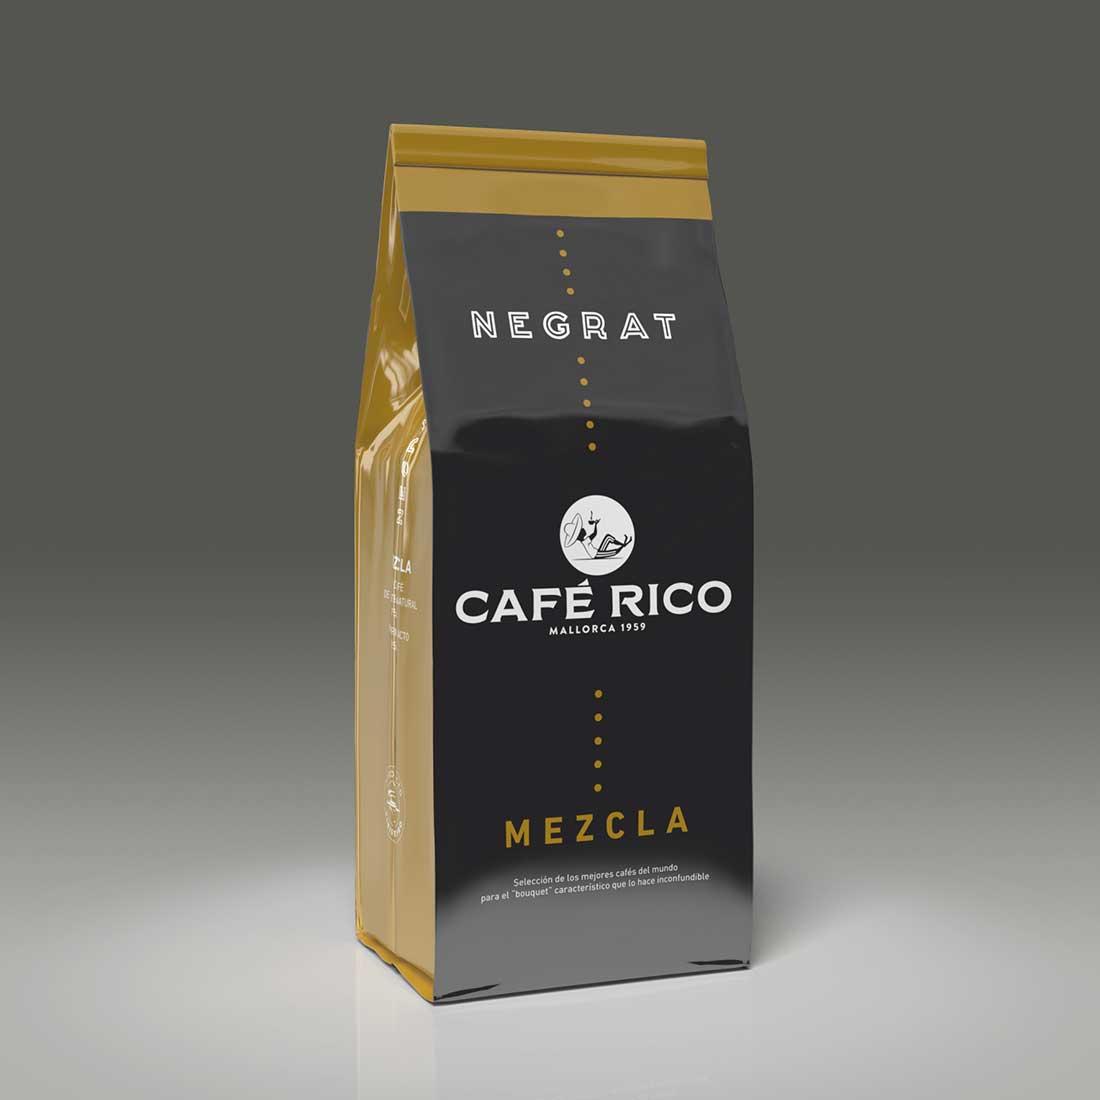 Barista-Pro-Negrat-Mezcla